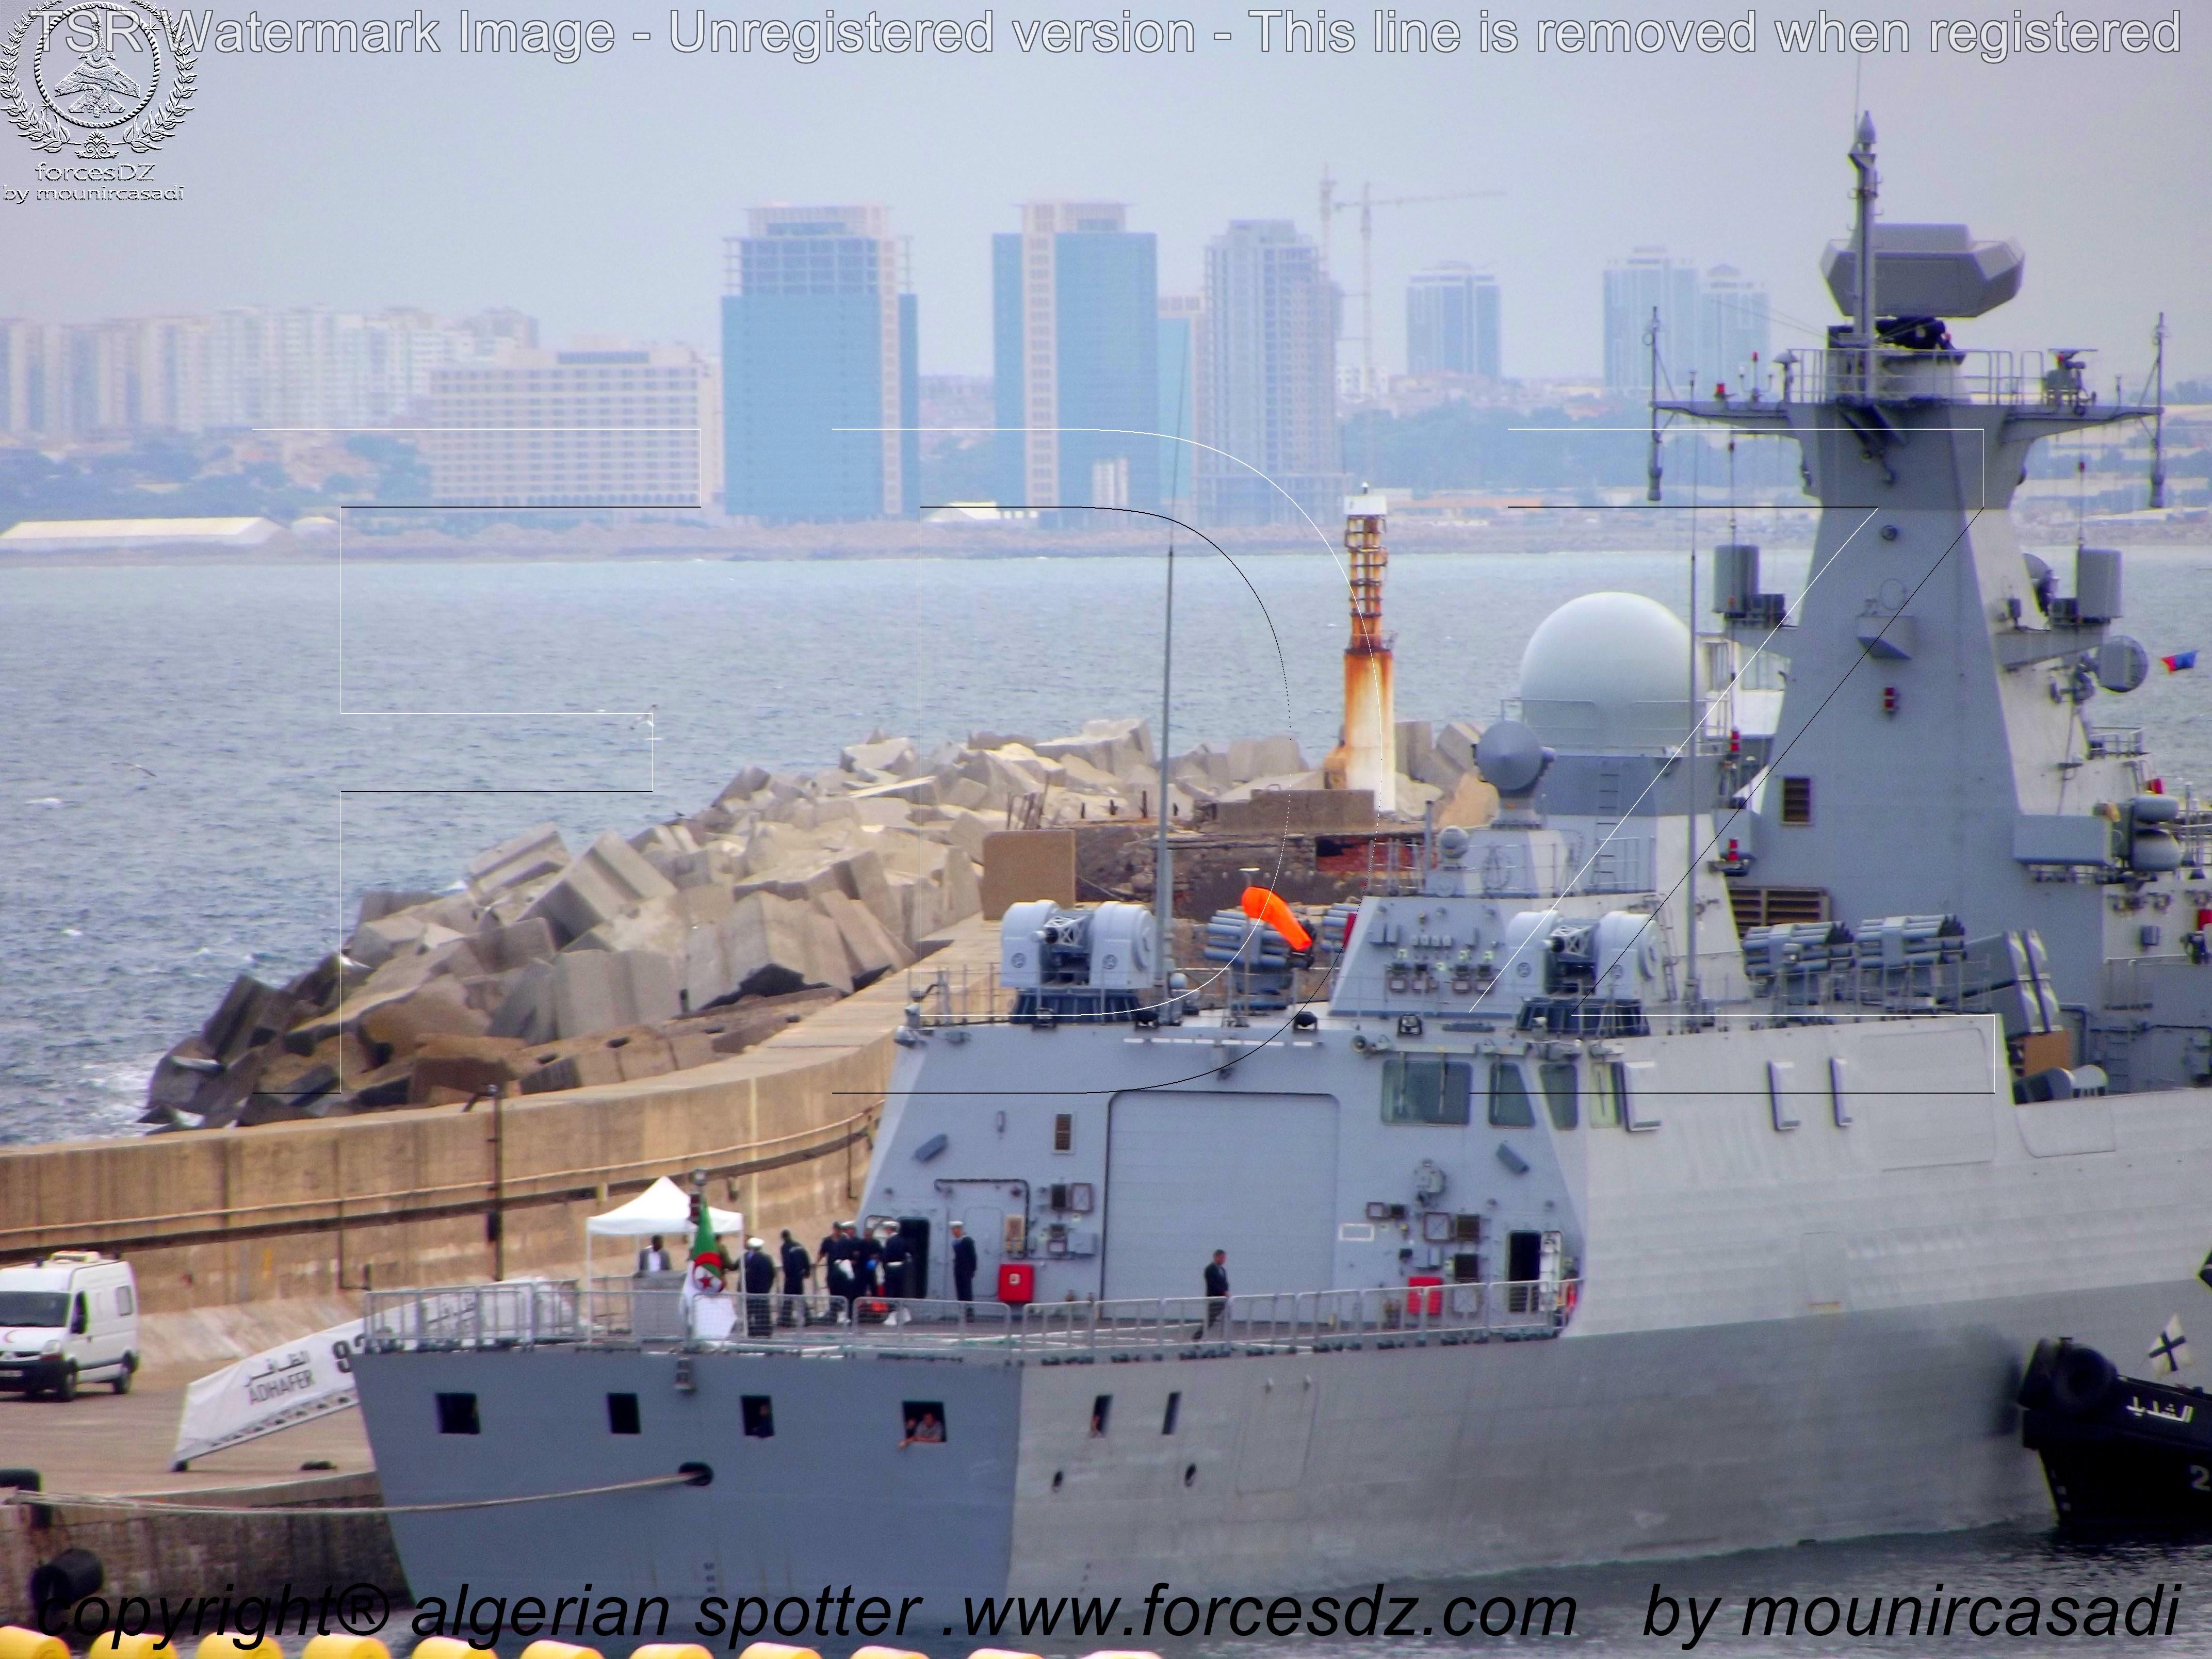 ورشة صناعة السفن CSSC تنزل للماء أولى فرقاطات C28A الجزائرية المتعاقد عليها في 2012 - صفحة 7 1446386961-3